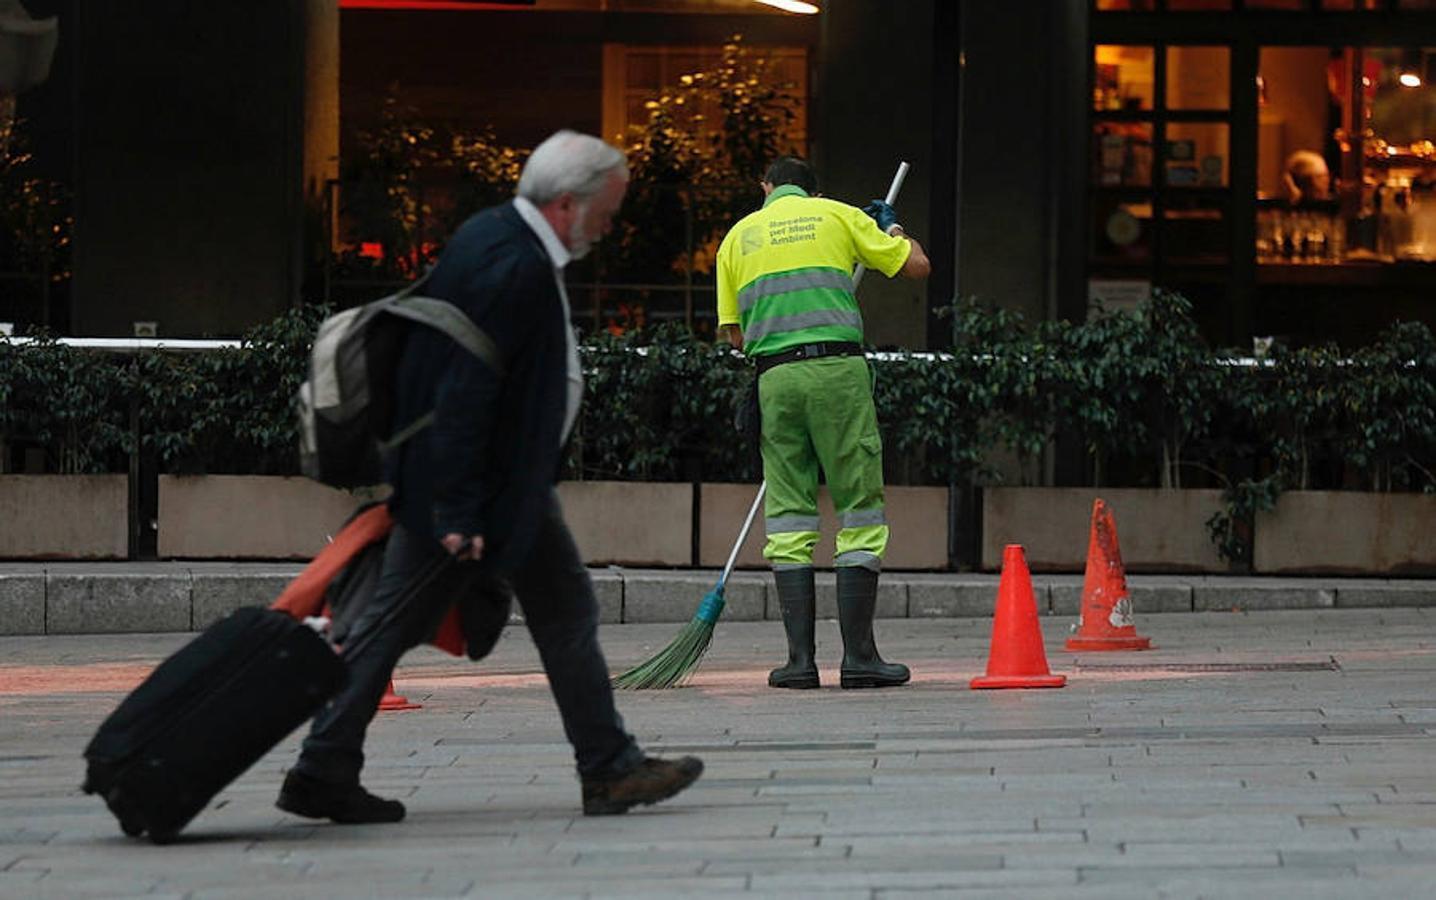 Un trabajador del Servicio de Limpieza realiza su tarea en las inmediaciones del Mercado de Sant Antoni, que permanece cerrado por la huelga general convocada para hoy en Cataluña